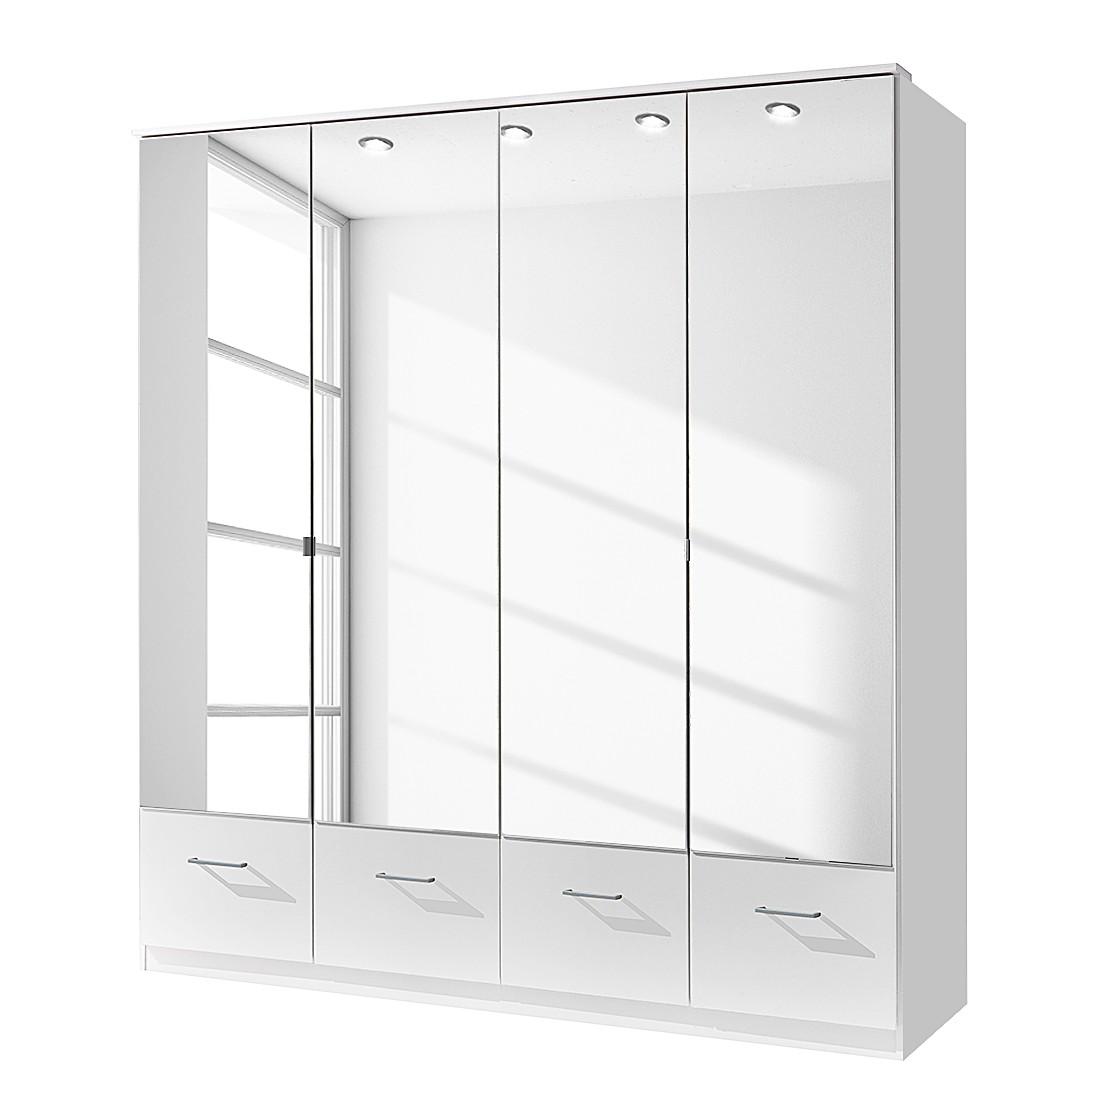 Drehtürenschrank Imago (mit Spiegel) – AlpinWeiß – Schrankbreite: 180 cm – 4-türig, Wimex bestellen